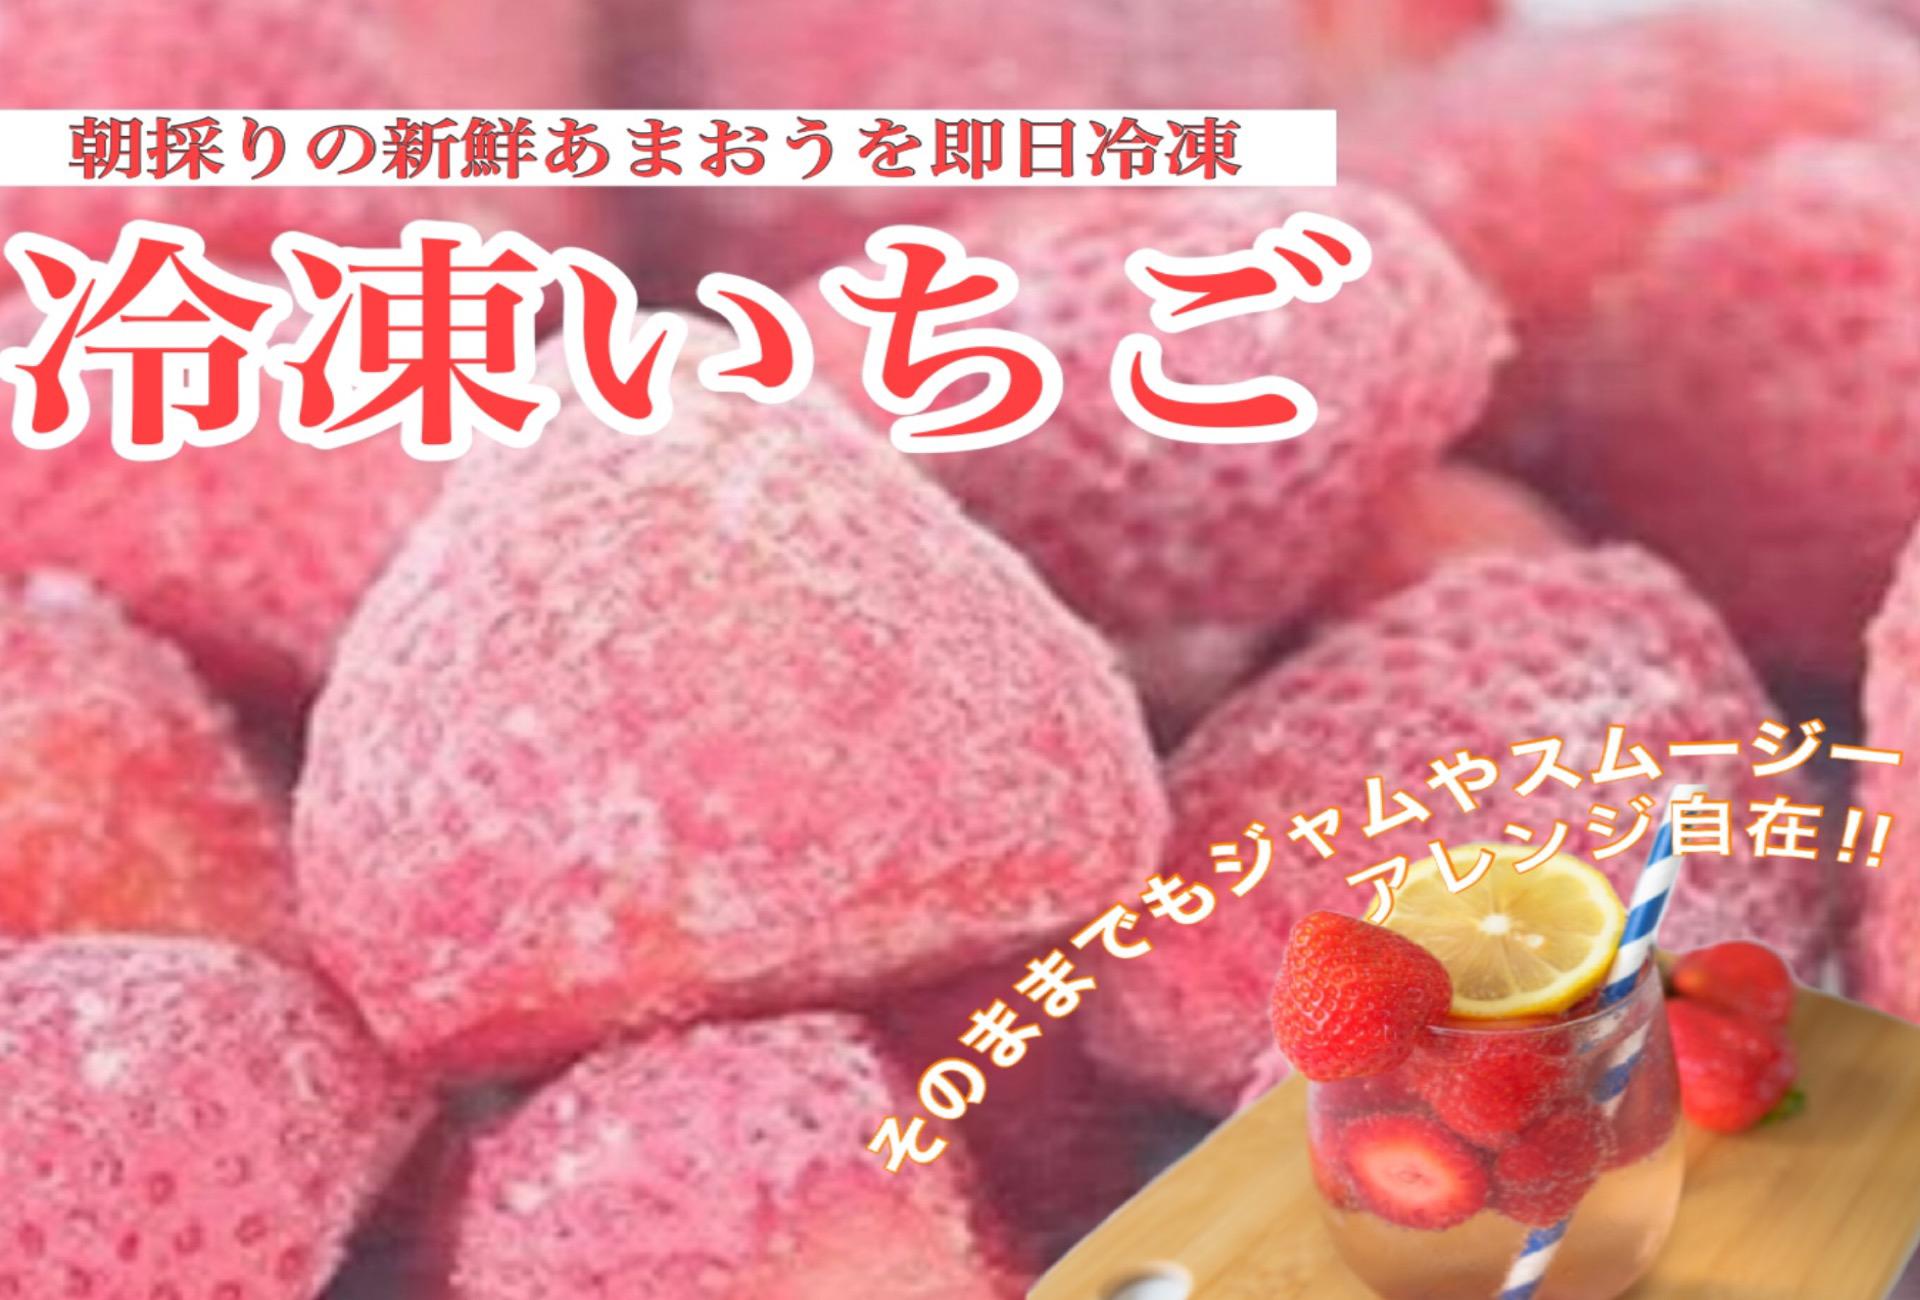 朝採りの新鮮あまおうを即日冷凍 冷凍いちご